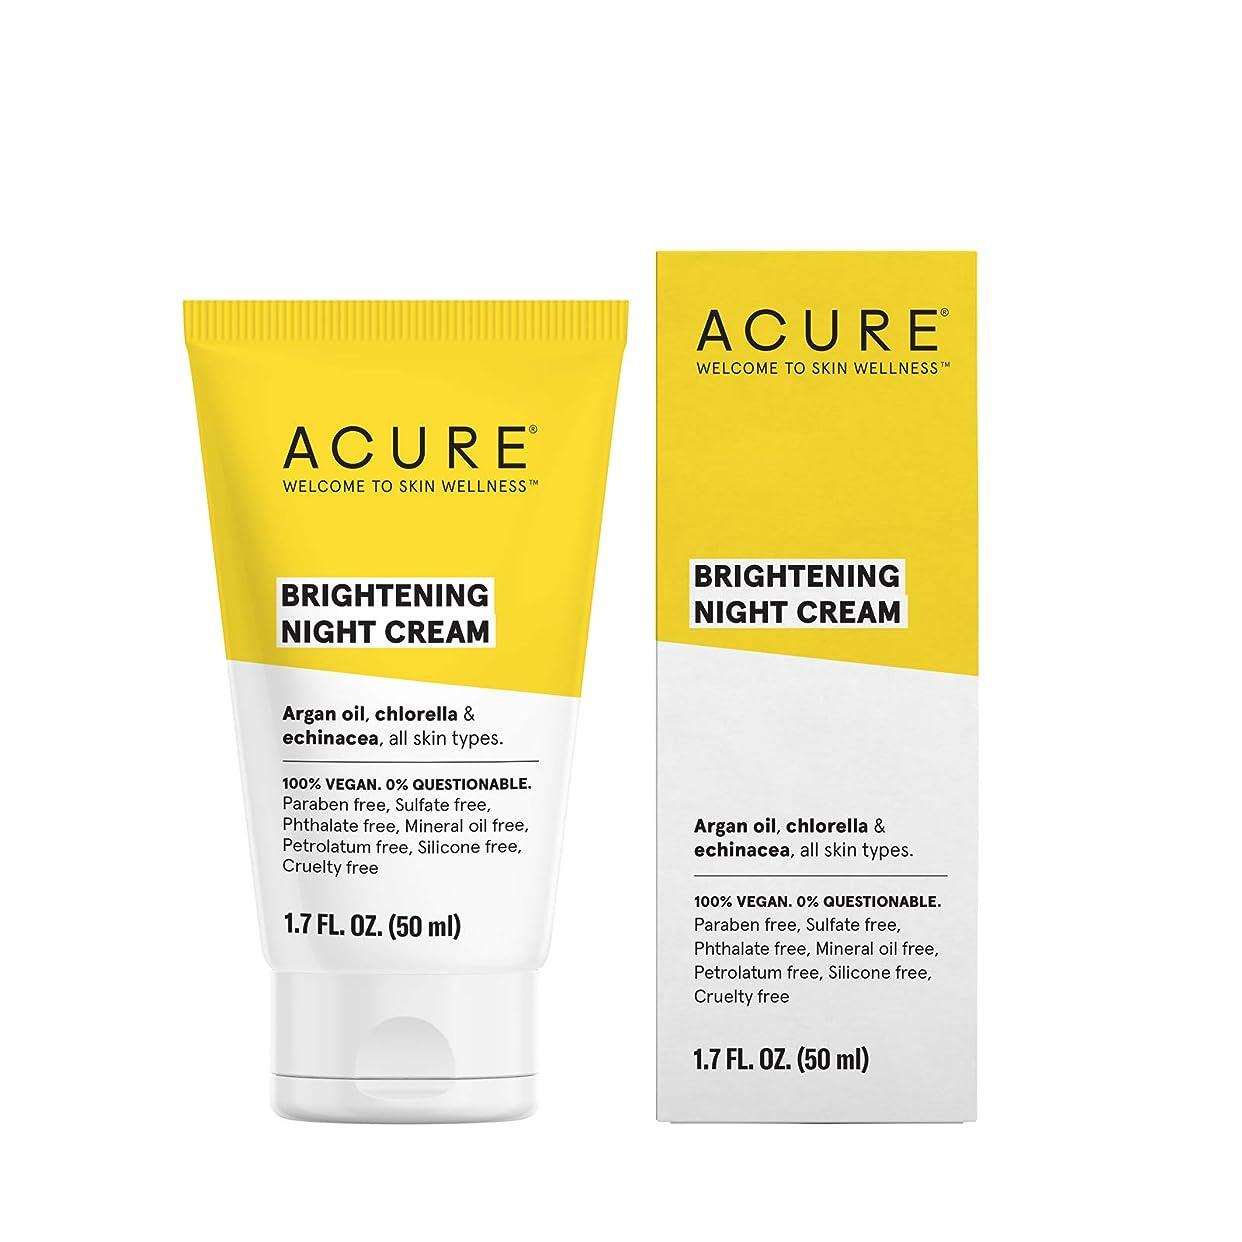 アクチュエータ開示する拮抗するAcure Organics, Night Cream, Argan Stem Cell, 1.75 fl oz by Acure Organics